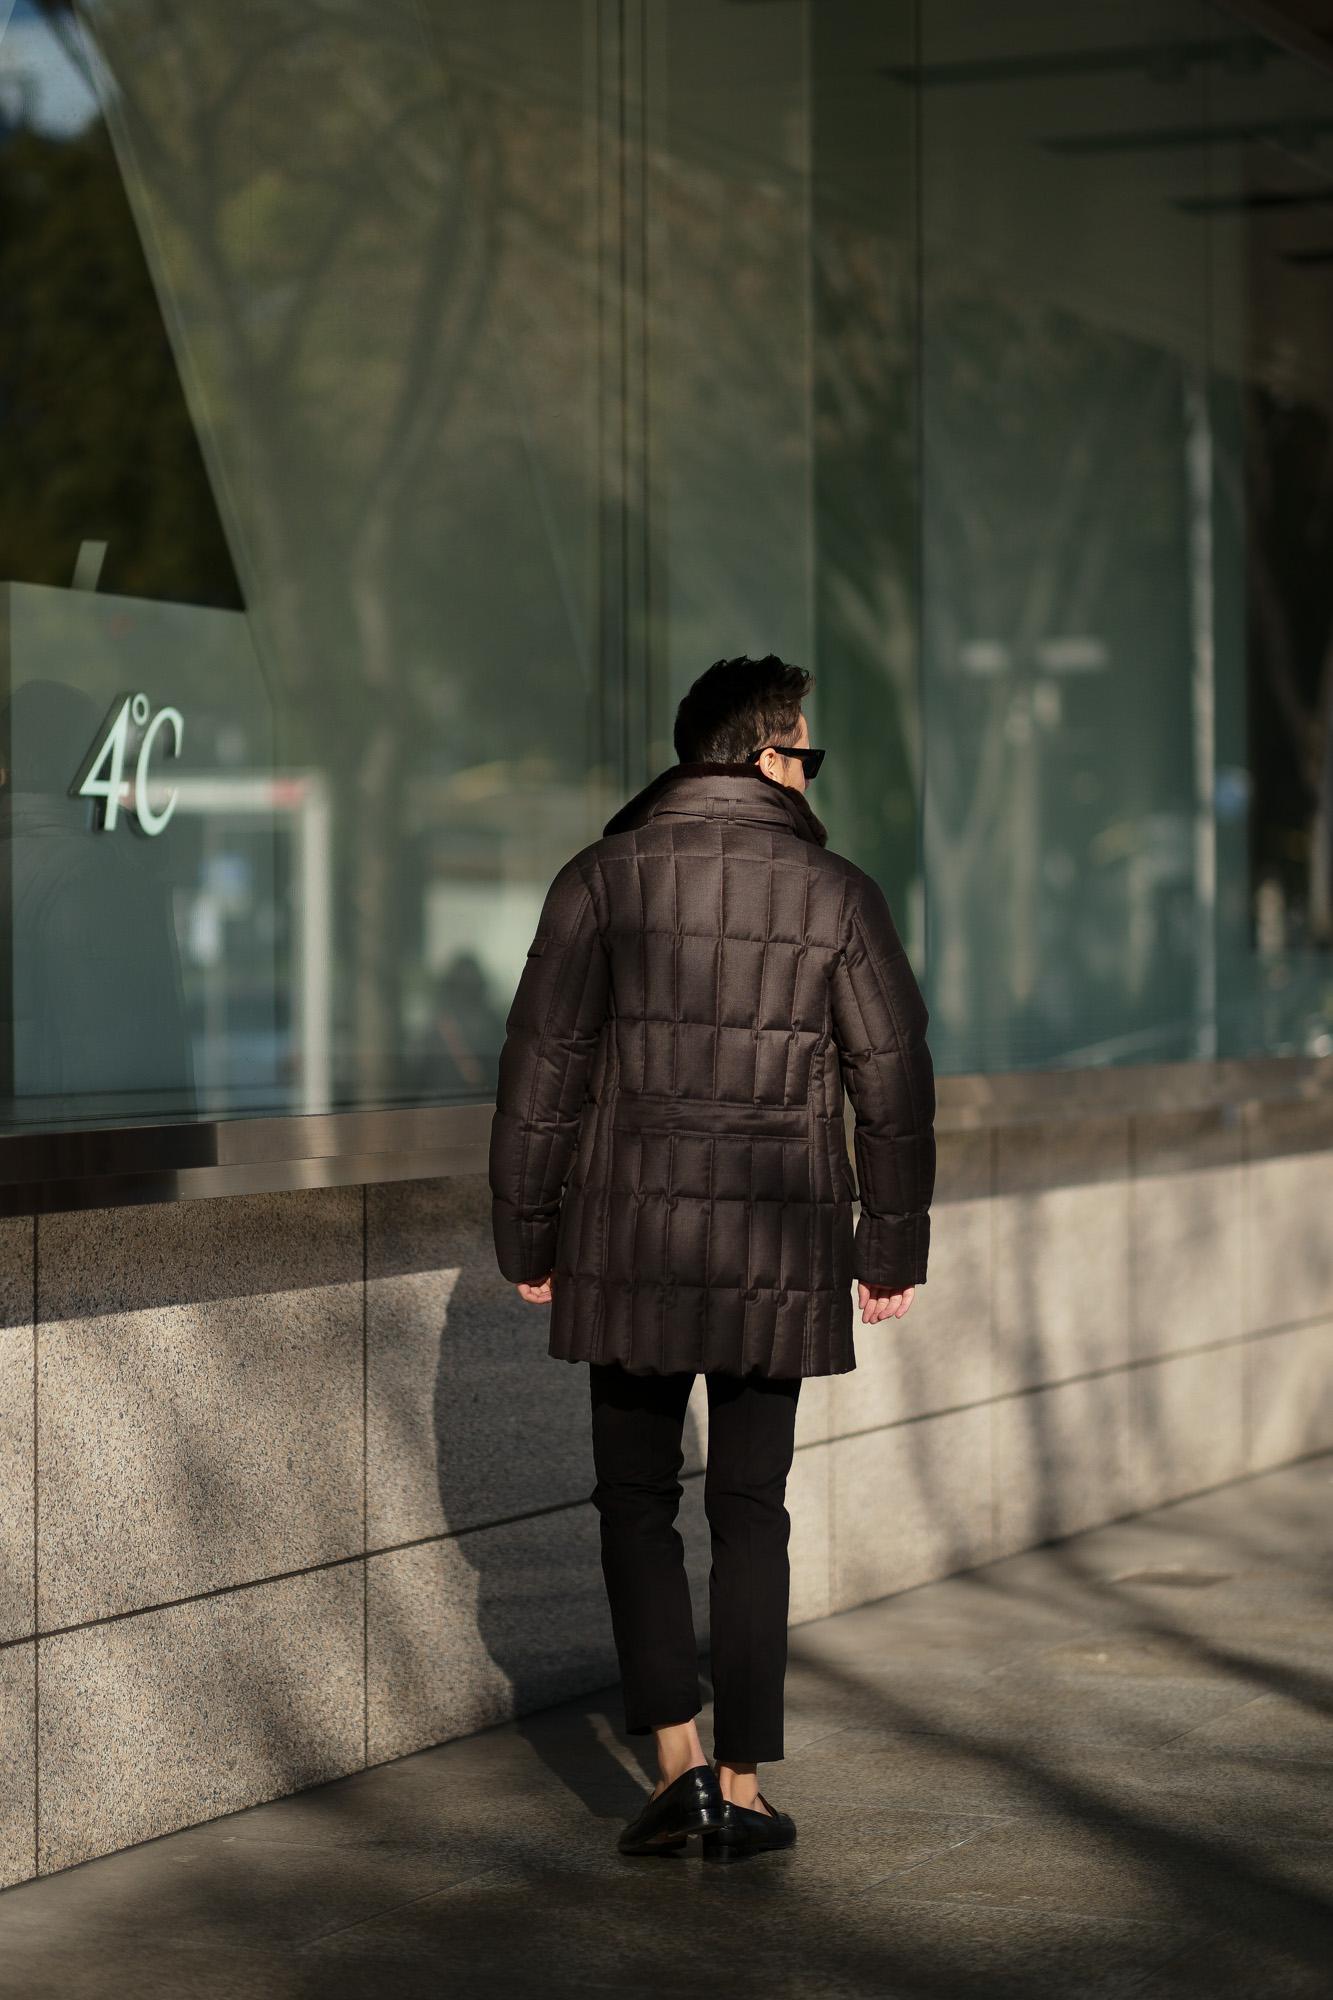 MOORER (ムーレー)MORRIS-L (モーリス) LoroPiana (ロロピアーナ) ウールカシミア ダブルブレスト ダウン コート BEIGE (ベージュ・32) , ANTRACITE(チャコールグレー・07) , NERO(ブラック・08) ,  Made in italy (イタリア製) v【2019 秋冬分 ご予約受付中】愛知 名古屋 altoediritto アルトエデリット ダウンジャケット